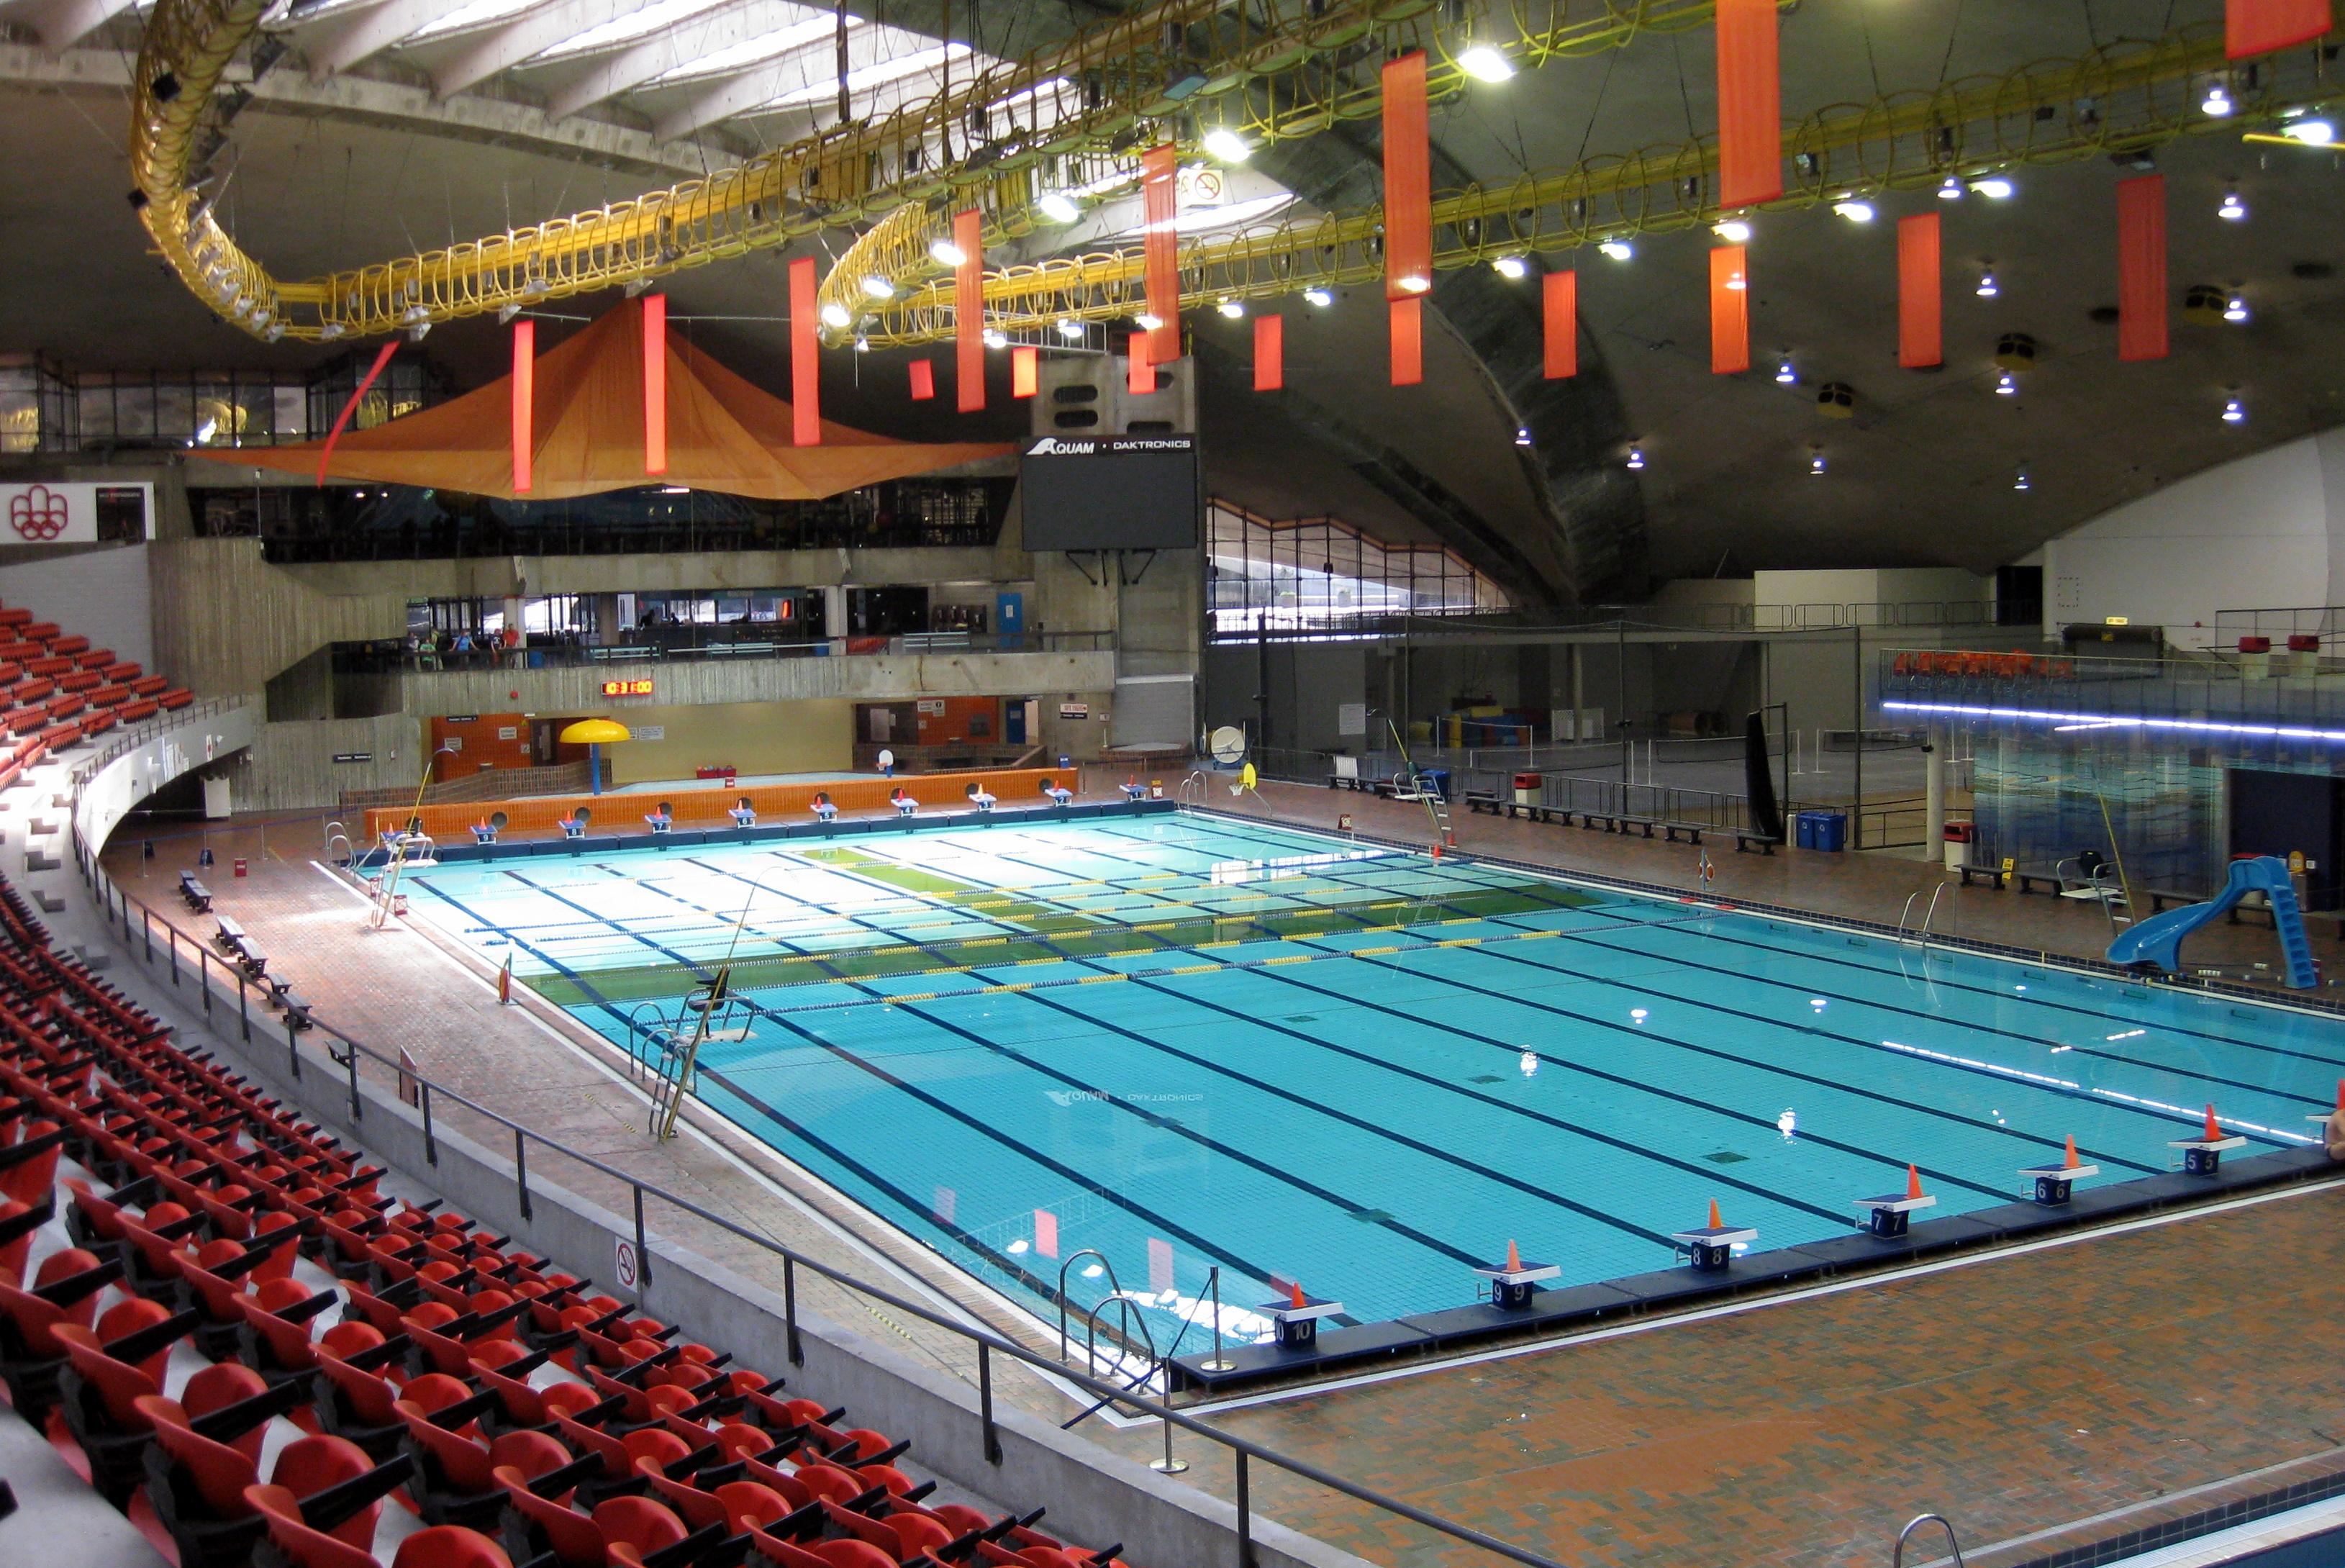 Montr Al Hochelaga Maisonneuve La Piscine Olympique De Montr Al Flickr Photo Sharing